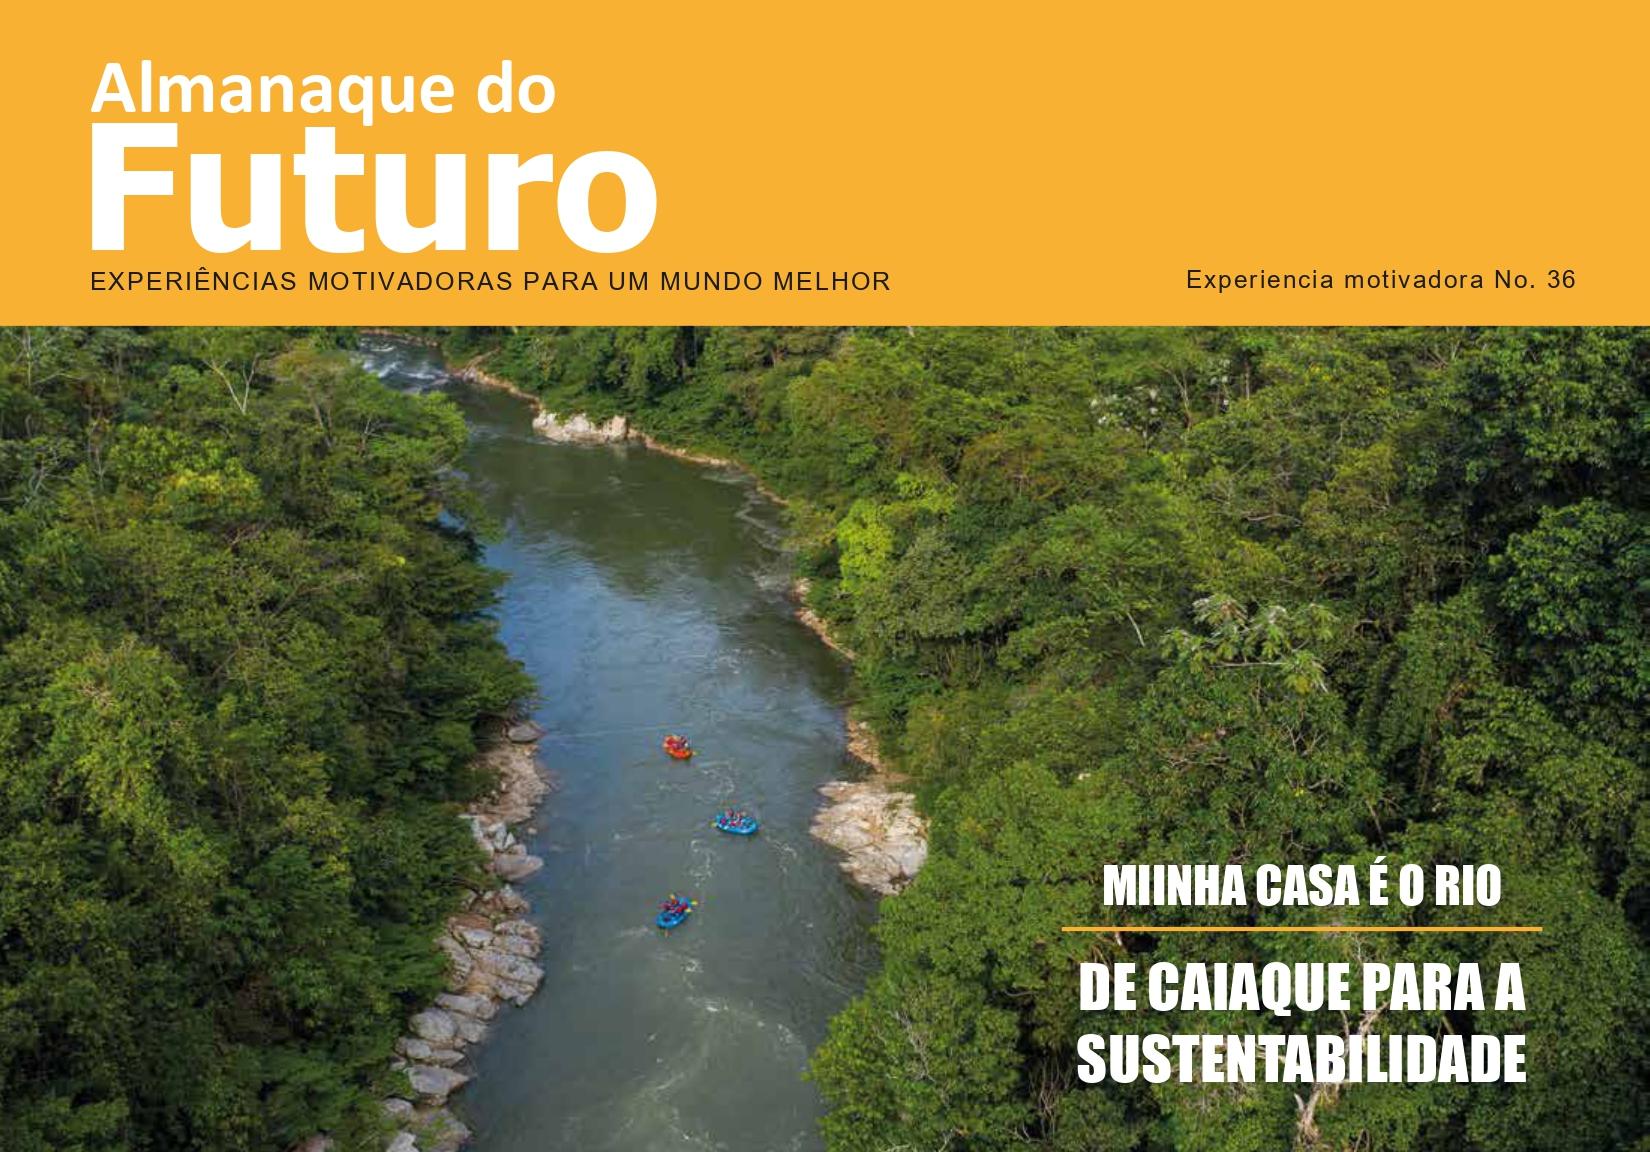 Almanaque-do-futuro-36 (1)_page-0001